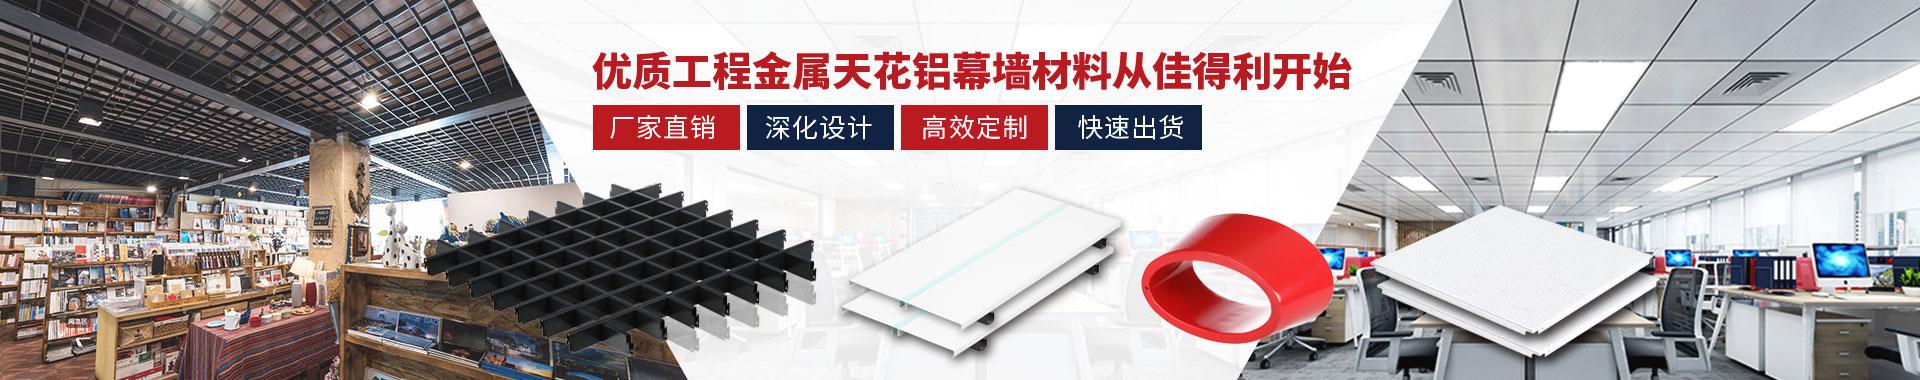 佳得利-提供中高端品质价格实惠的铝建材产品